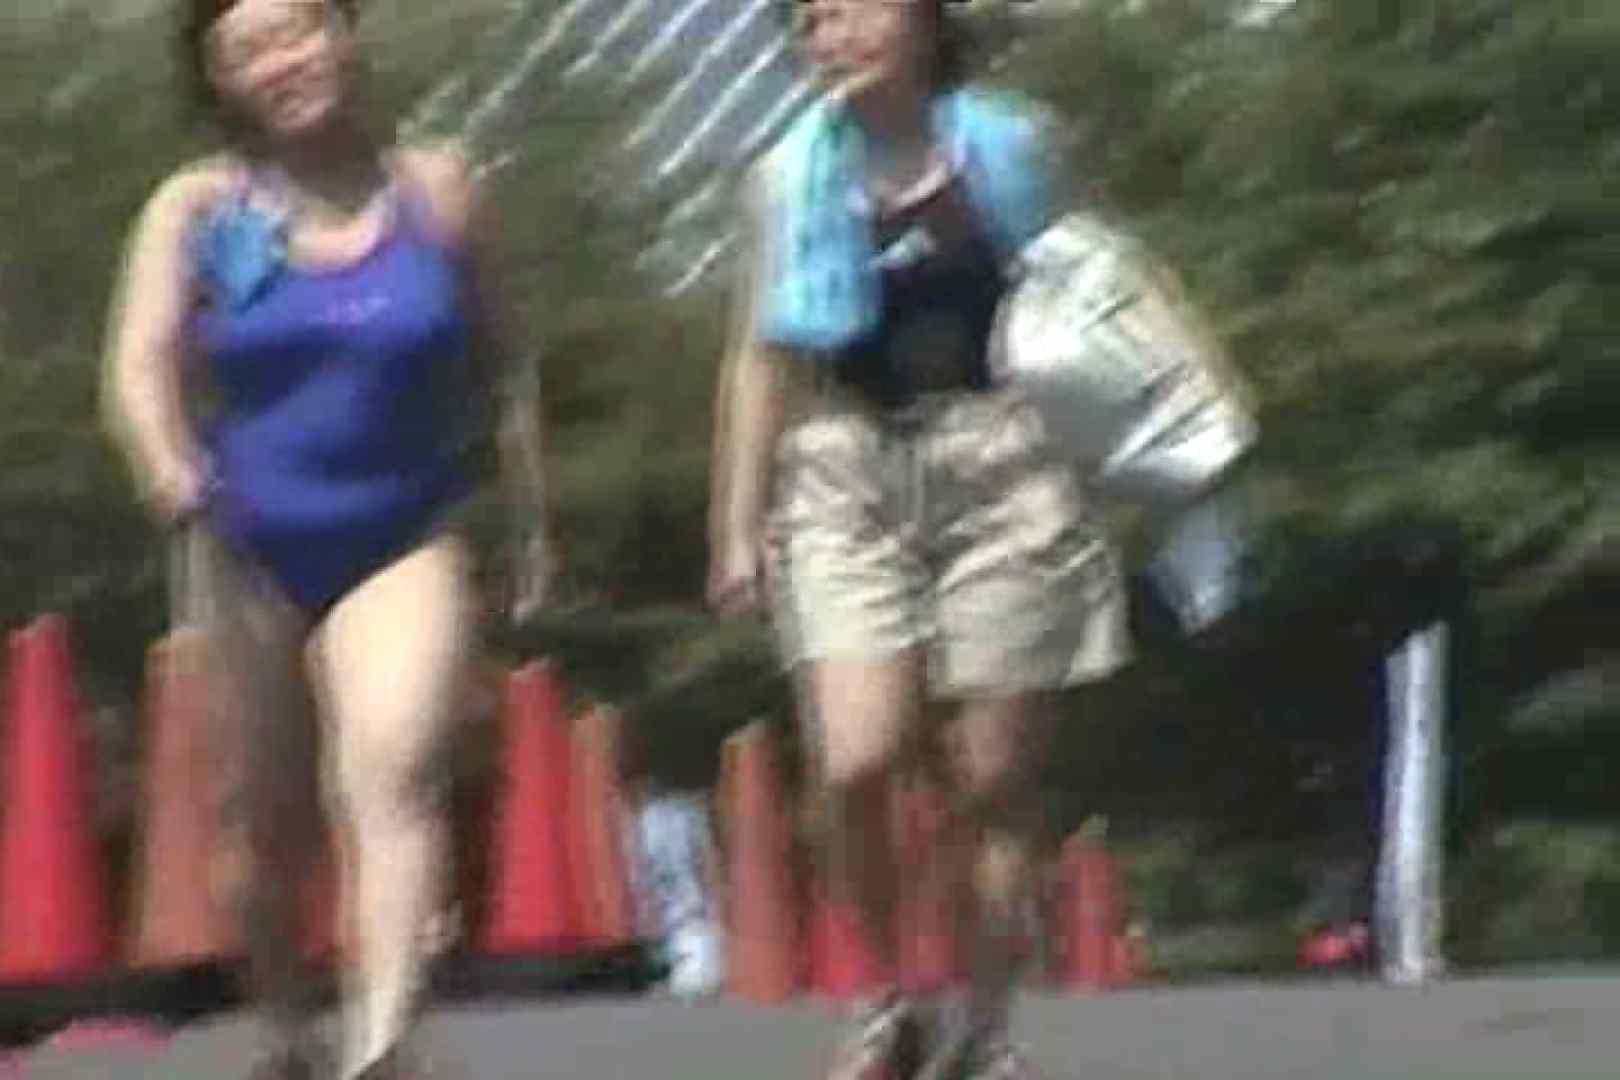 鉄人レース!!トライアスロンに挑む女性達!!Vol.6 OLの実態 | 0  83pic 61